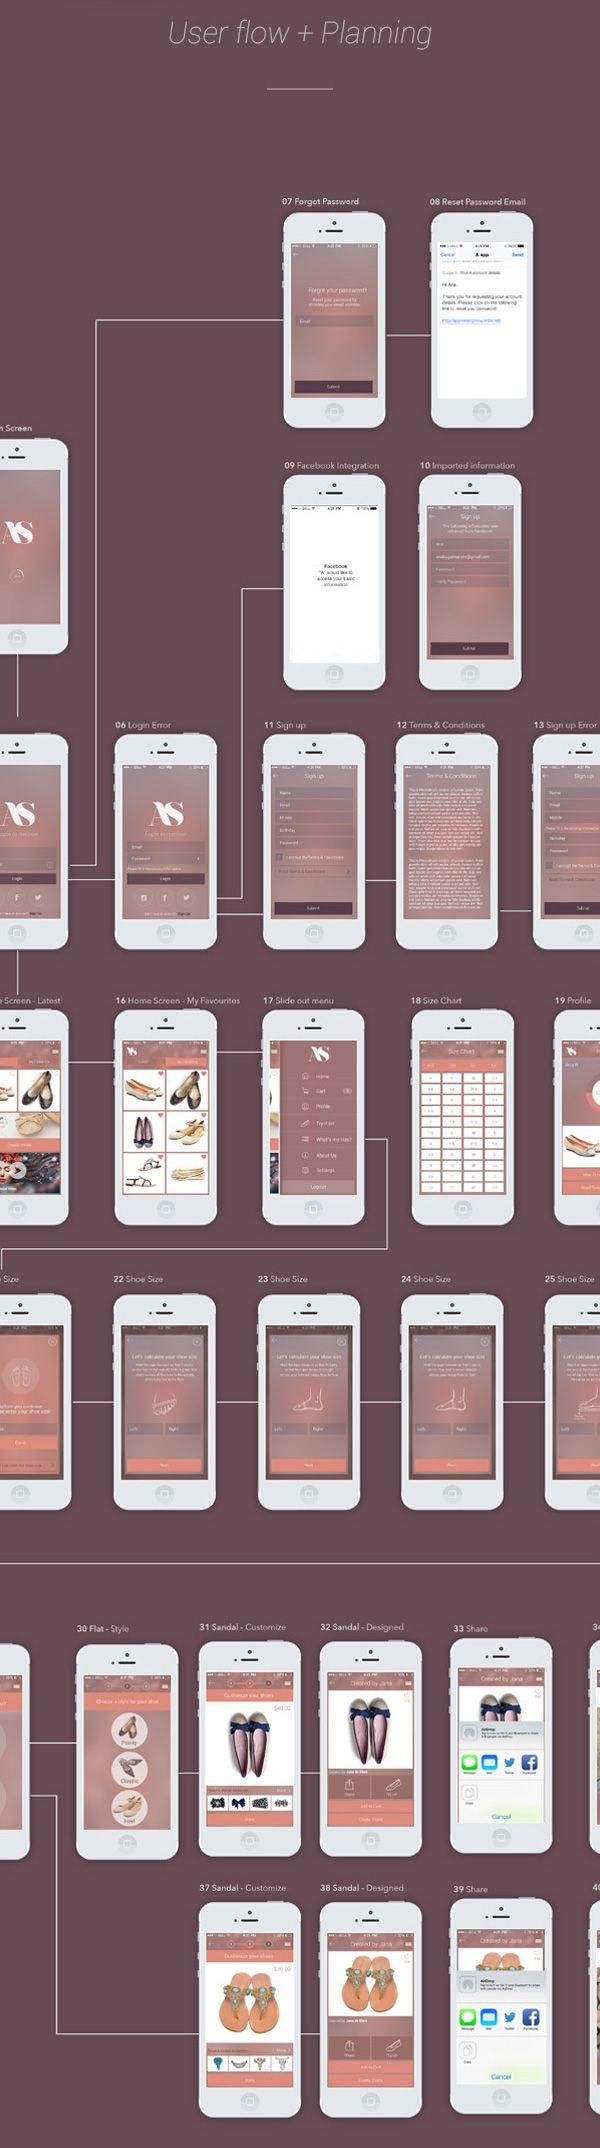 전체적인 어플 구성 및 디자인으로 프로세스 참고로 선정